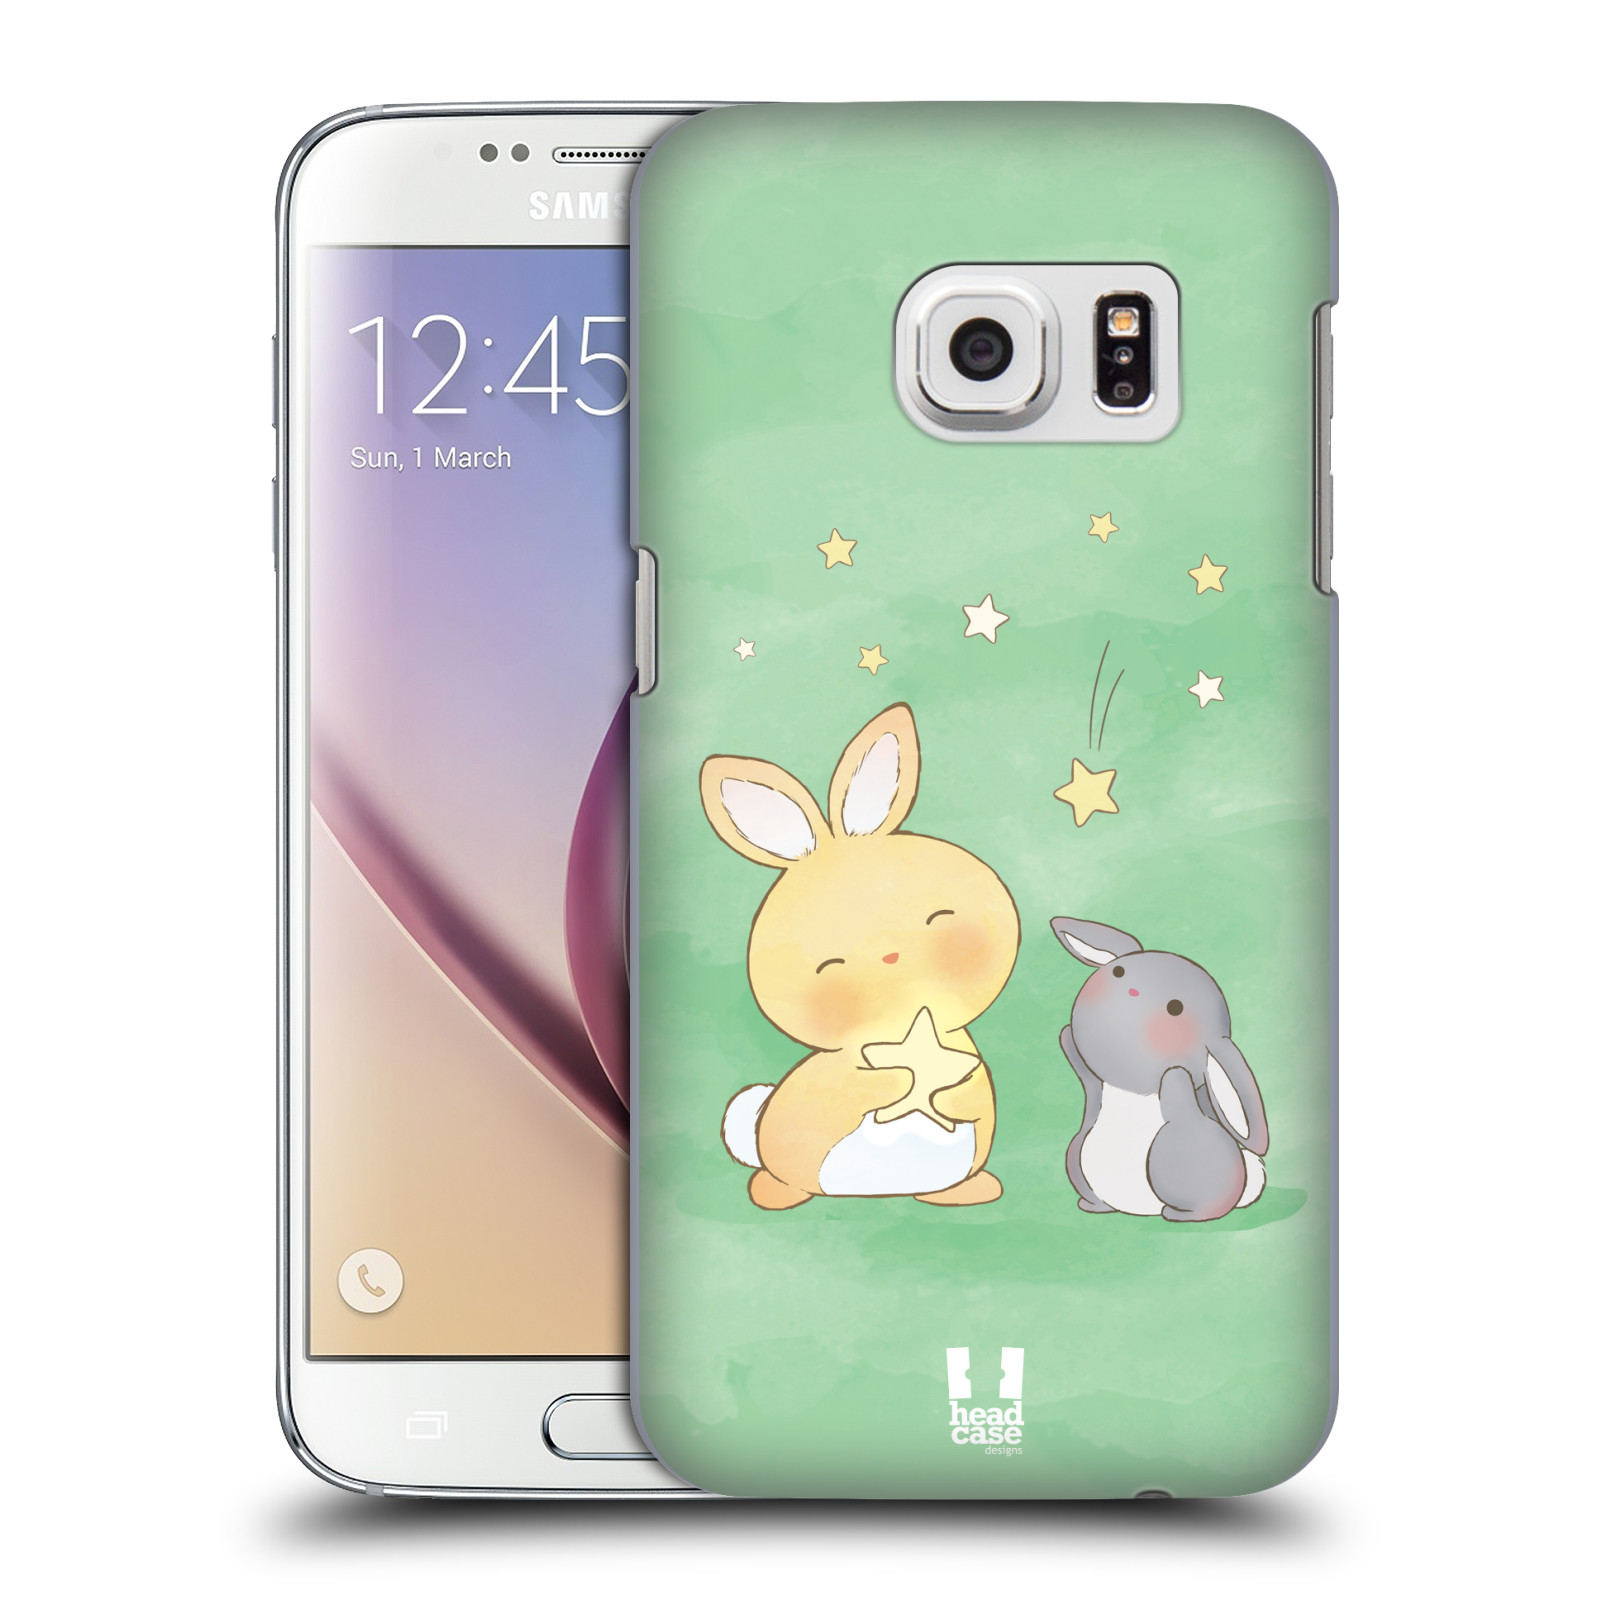 HEAD CASE plastový obal na mobil SAMSUNG GALAXY S7 vzor králíček a hvězdy zelená